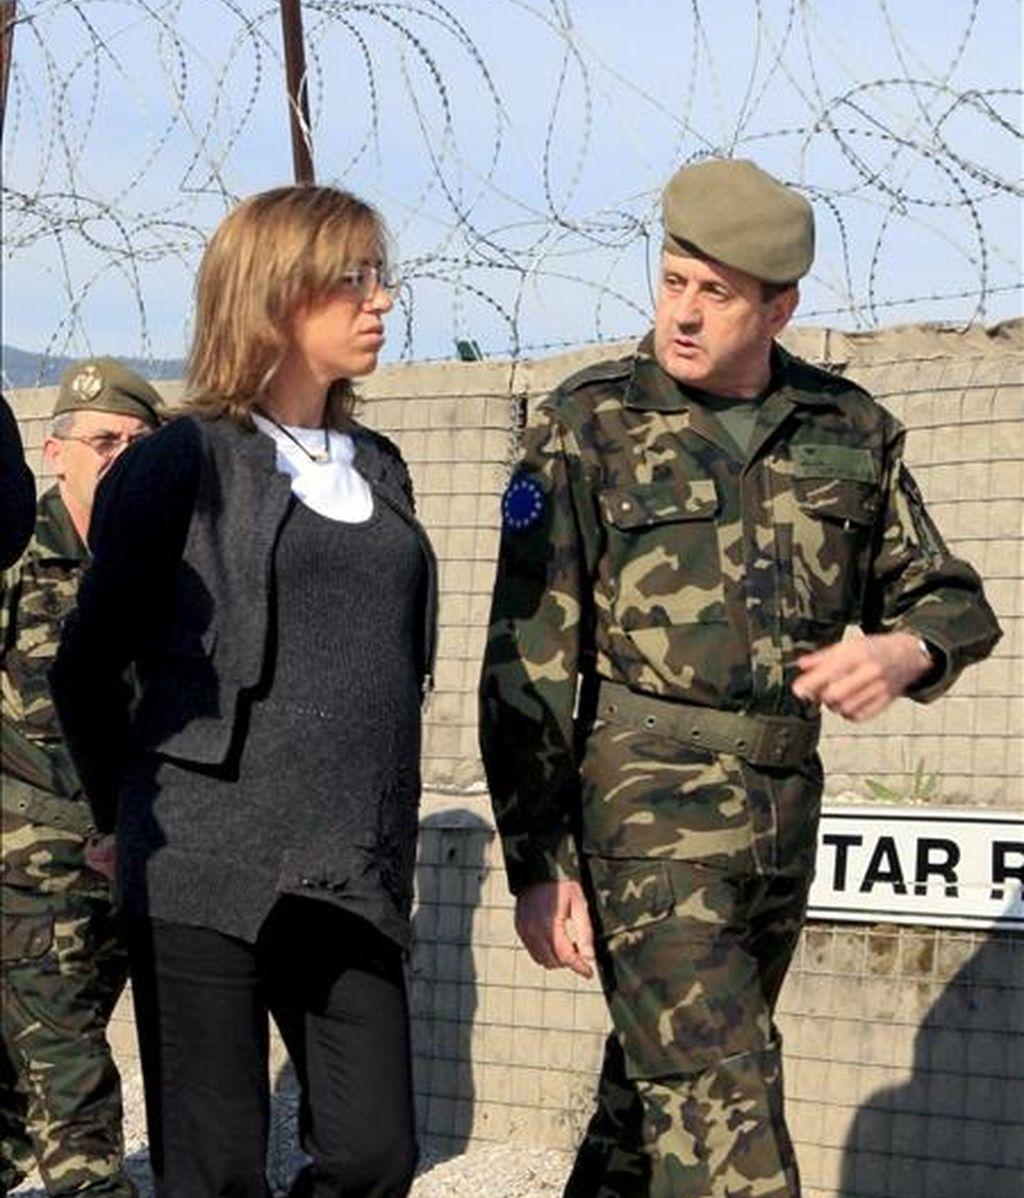 La ministra de Defensa, Carme Chacón, conversa con Ignacio Martín Villalaín, el nuevo segundo jefe del Estado Mayor del Ejército, durante una visita a Sarajevo. EFE/Archivo